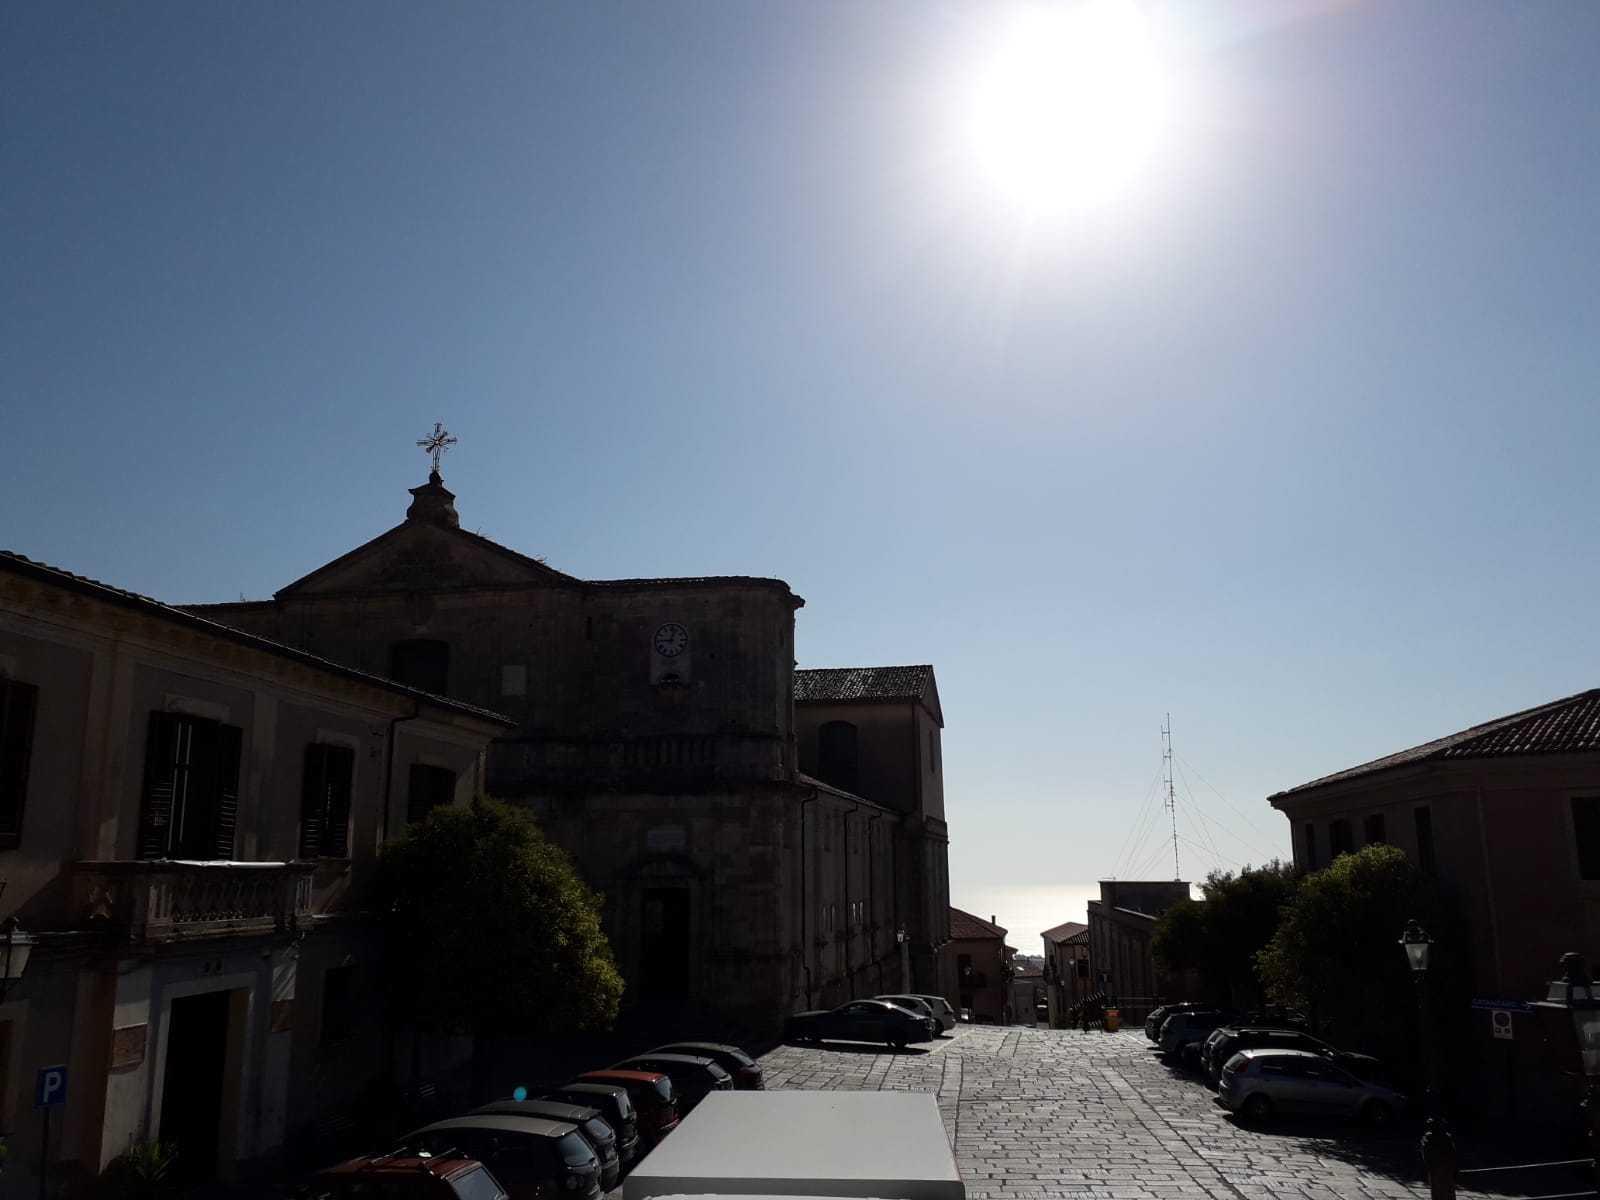 Piazza-e-mare